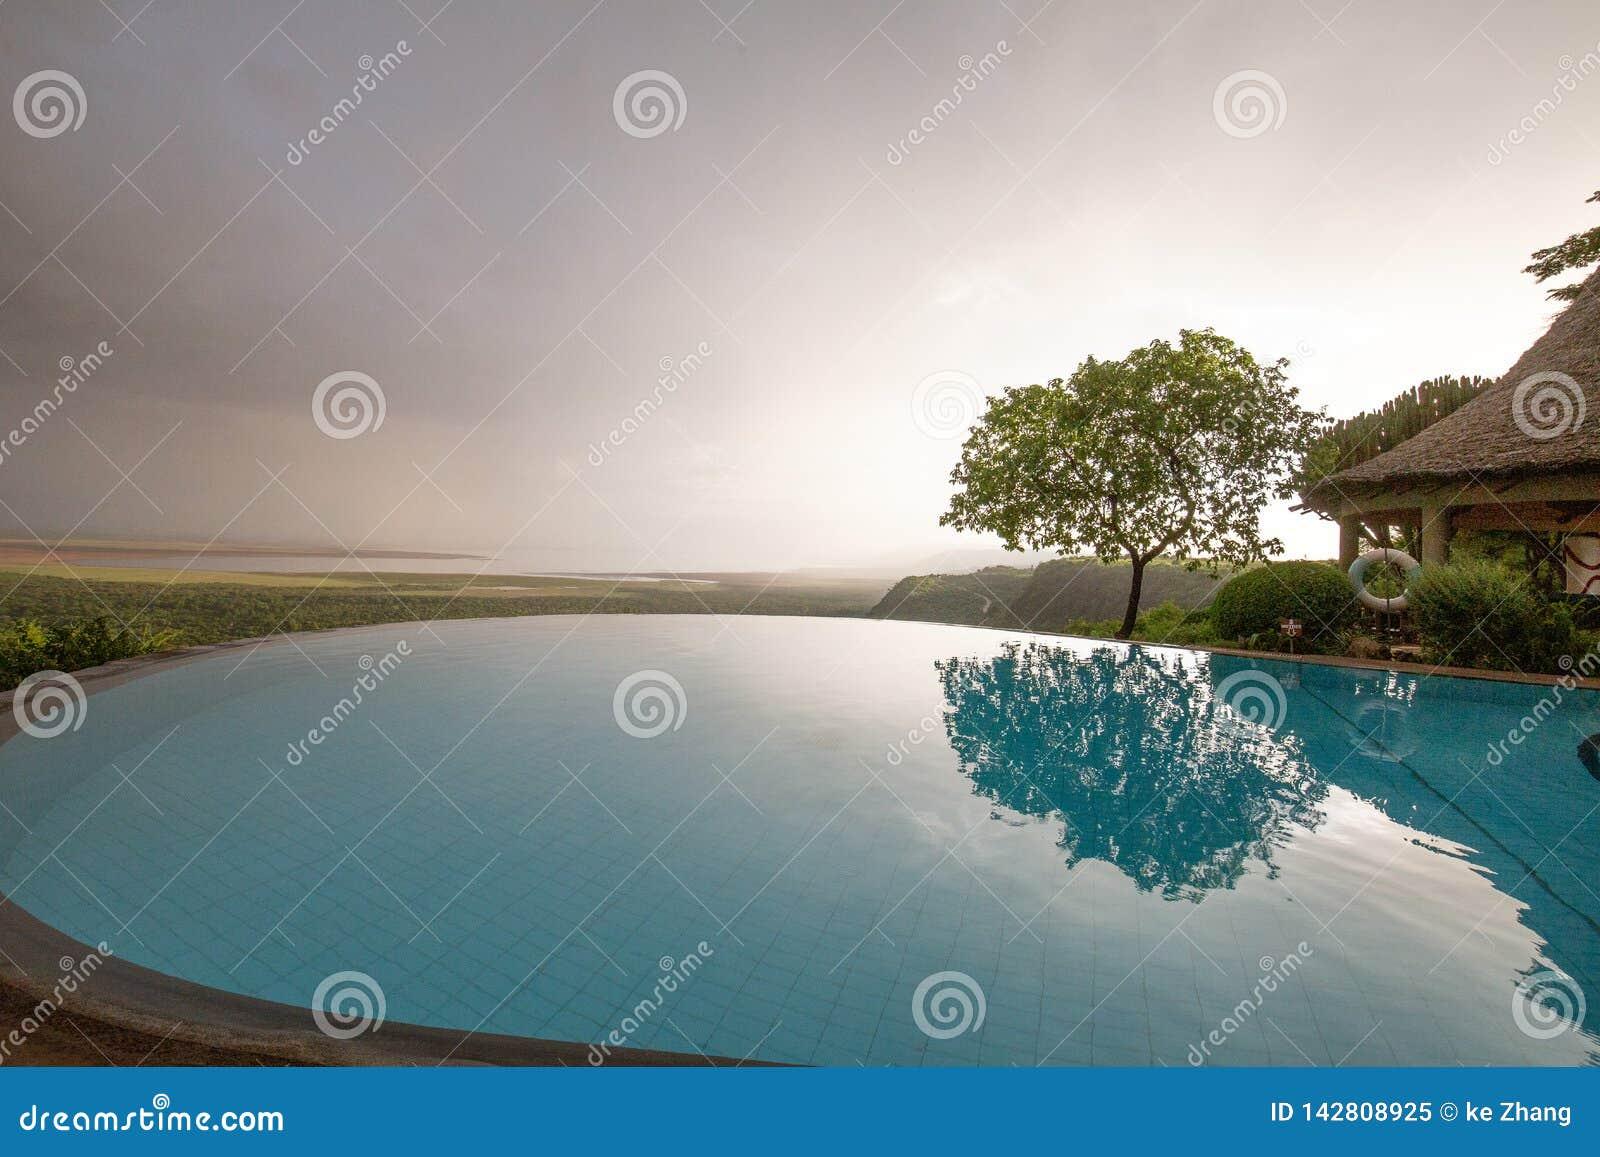 俯视曼雅拉湖坦桑尼亚的无限水池